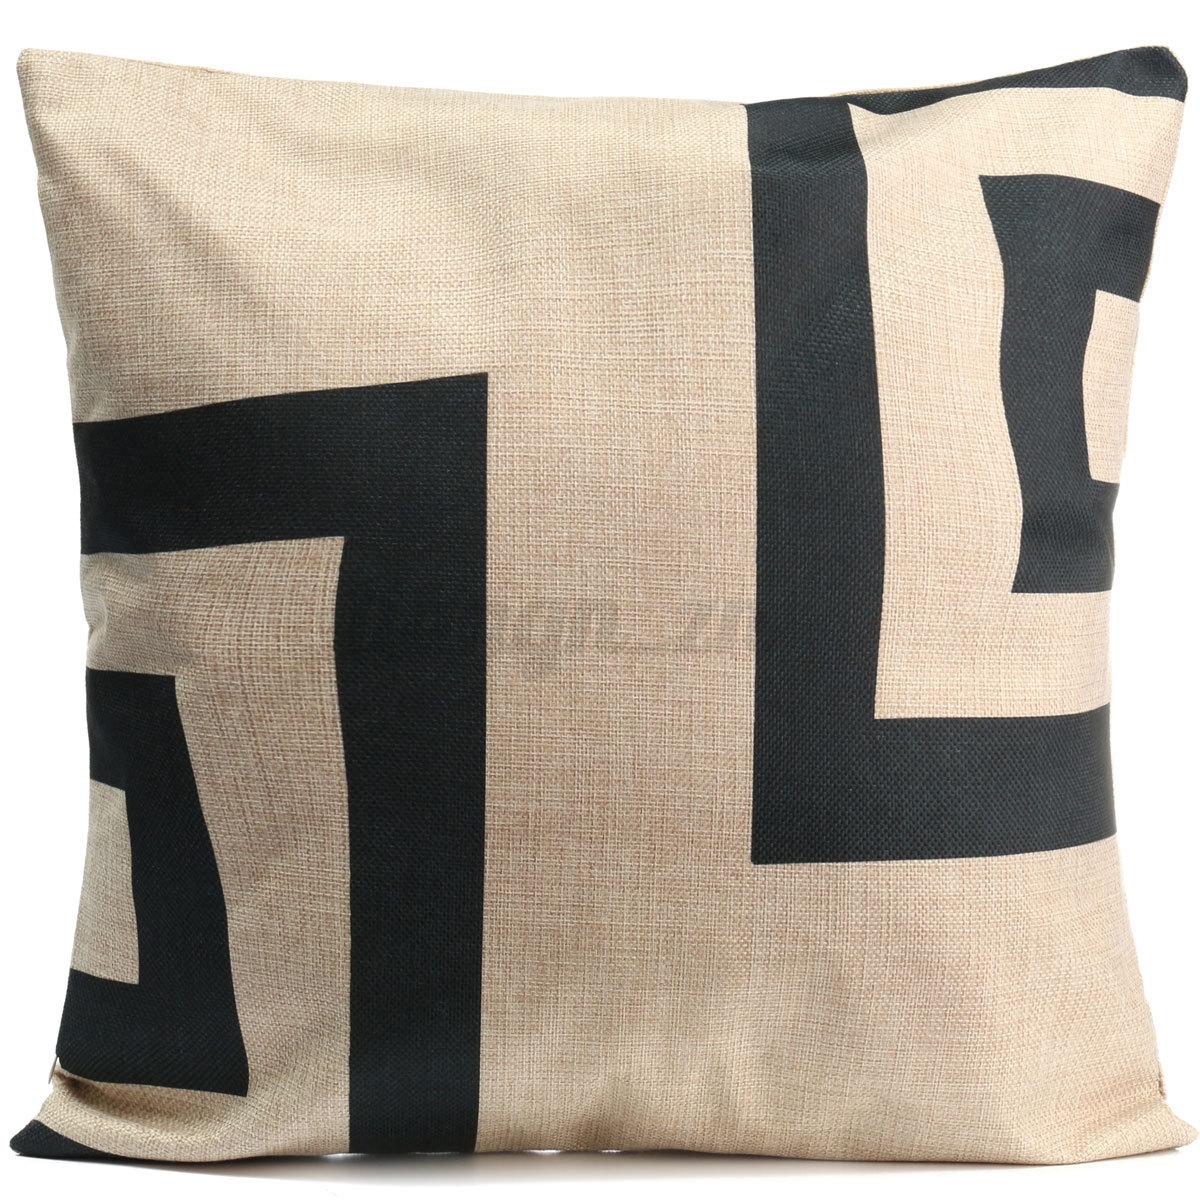 g om trie housse de coussin taie d 39 oreiller voiture canap maison cushion cover ebay. Black Bedroom Furniture Sets. Home Design Ideas